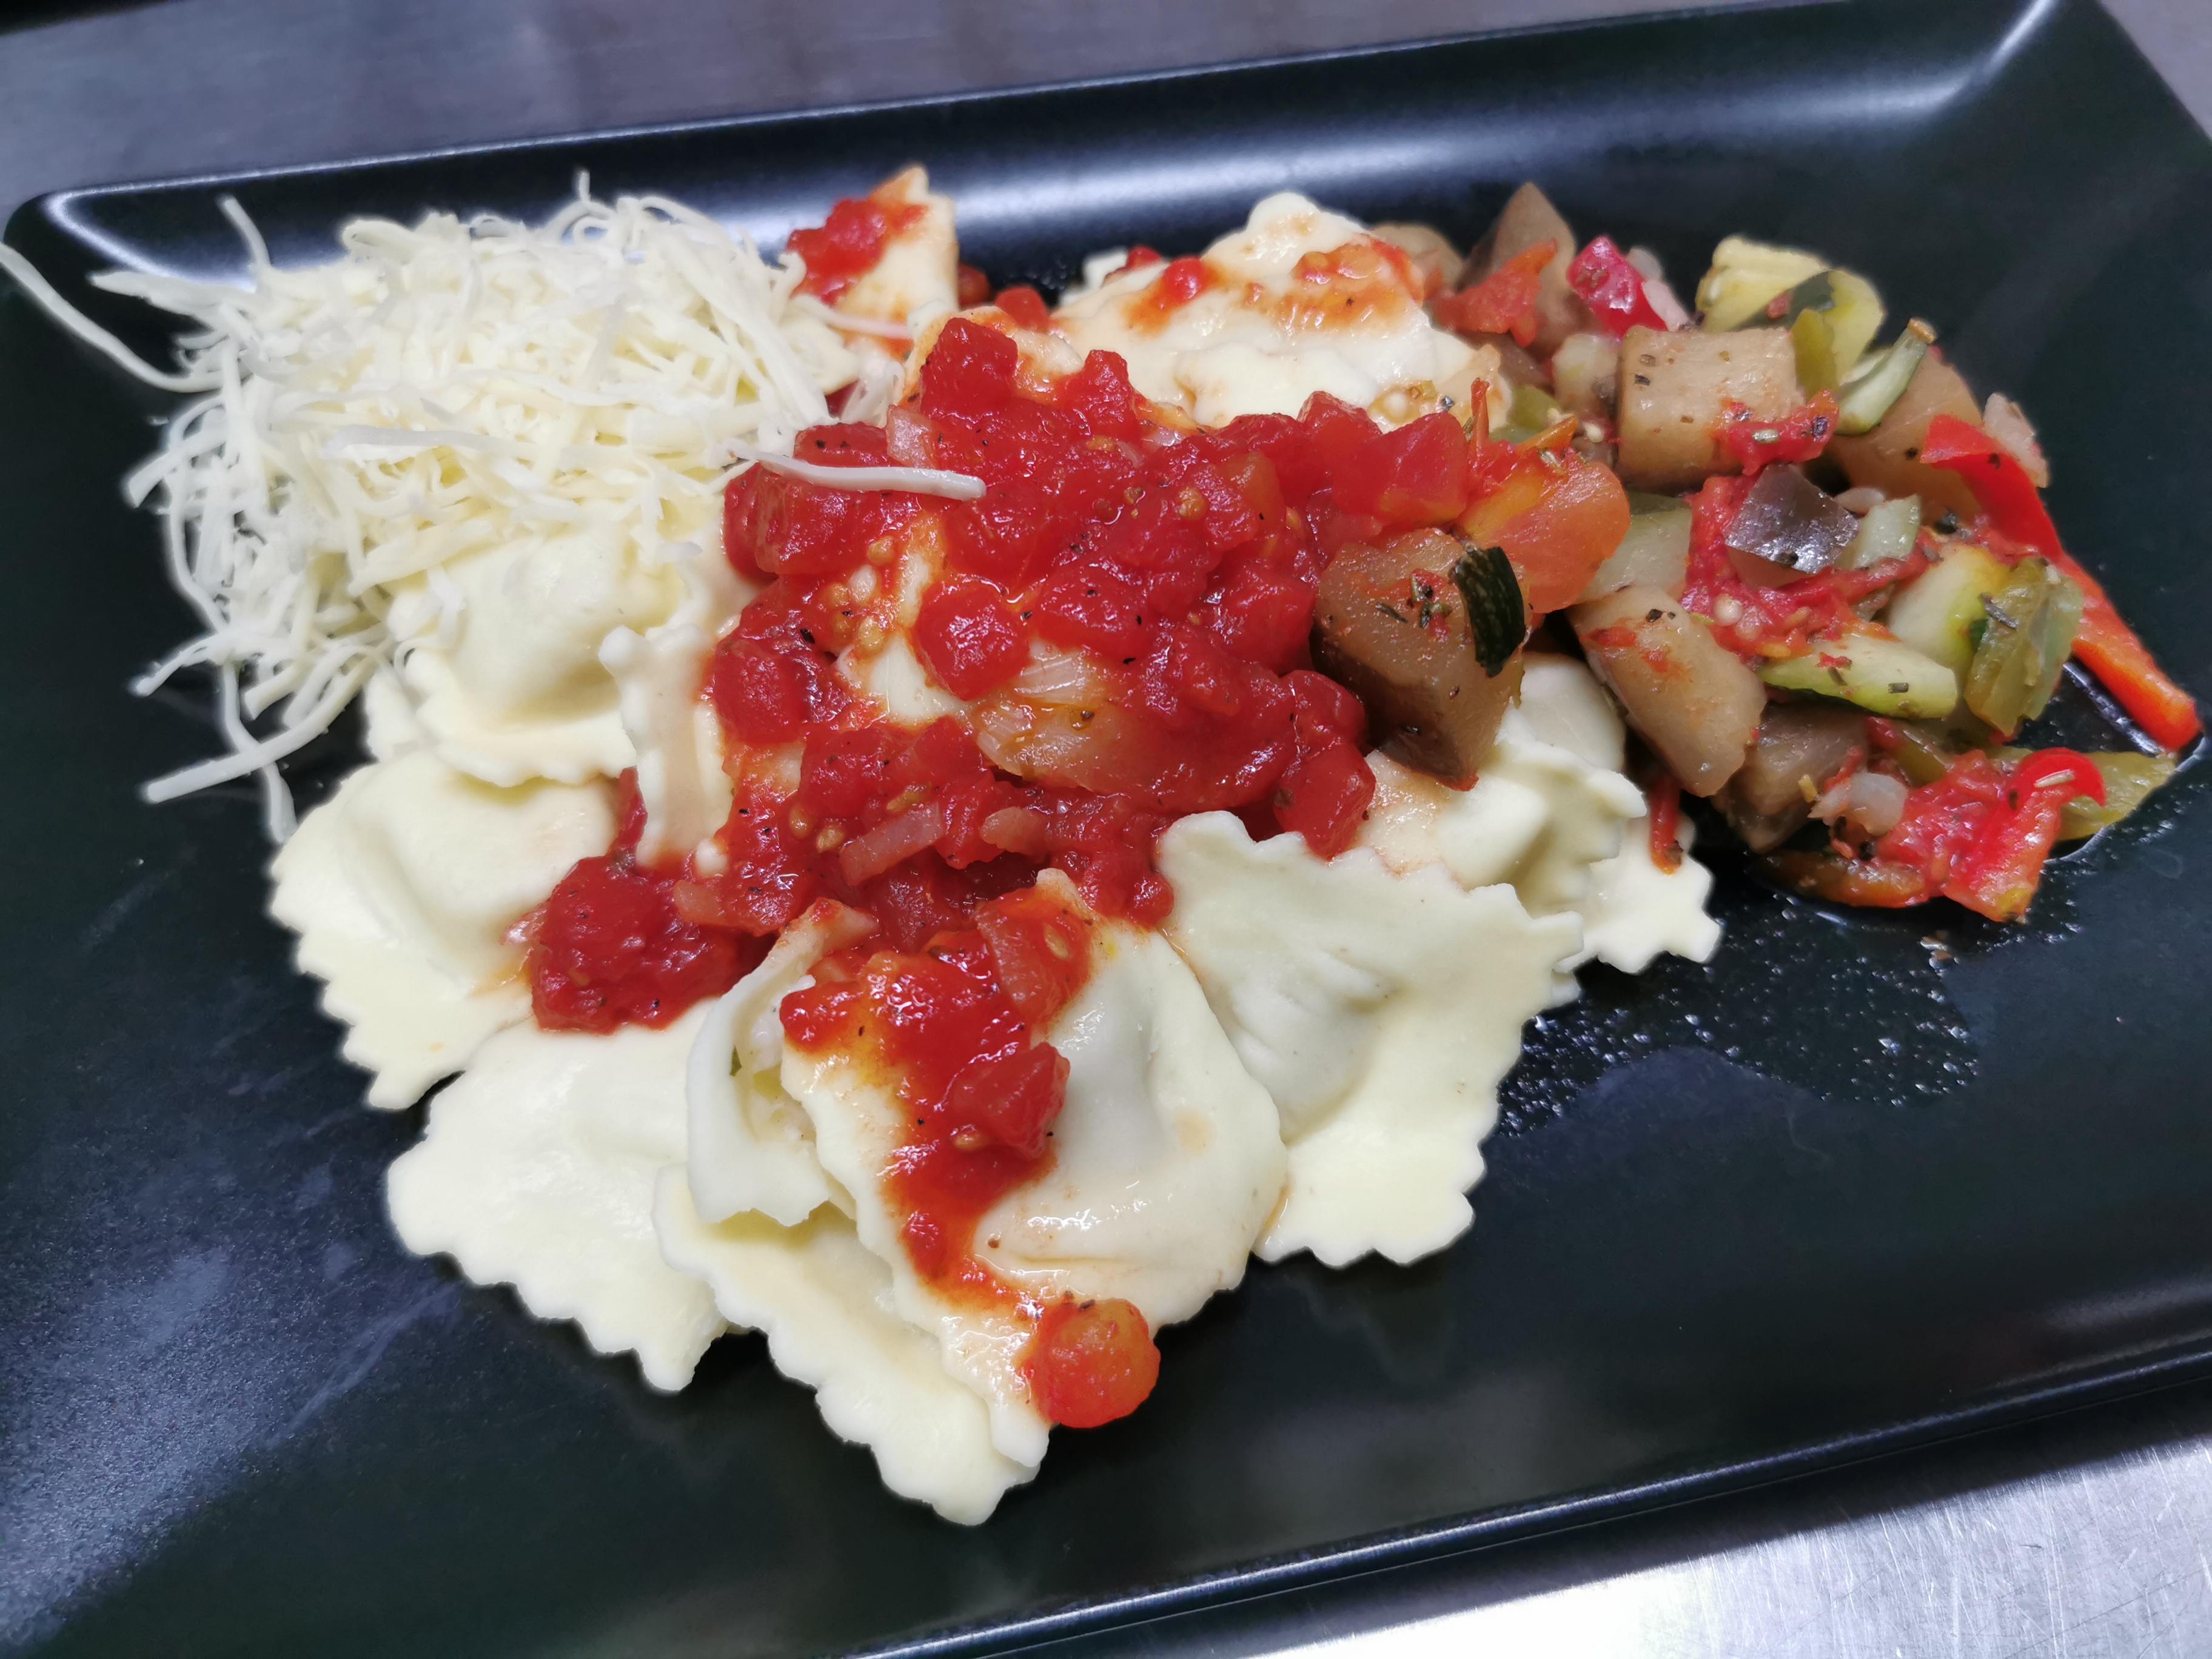 raviolis au fromage sauce tomate ou rata